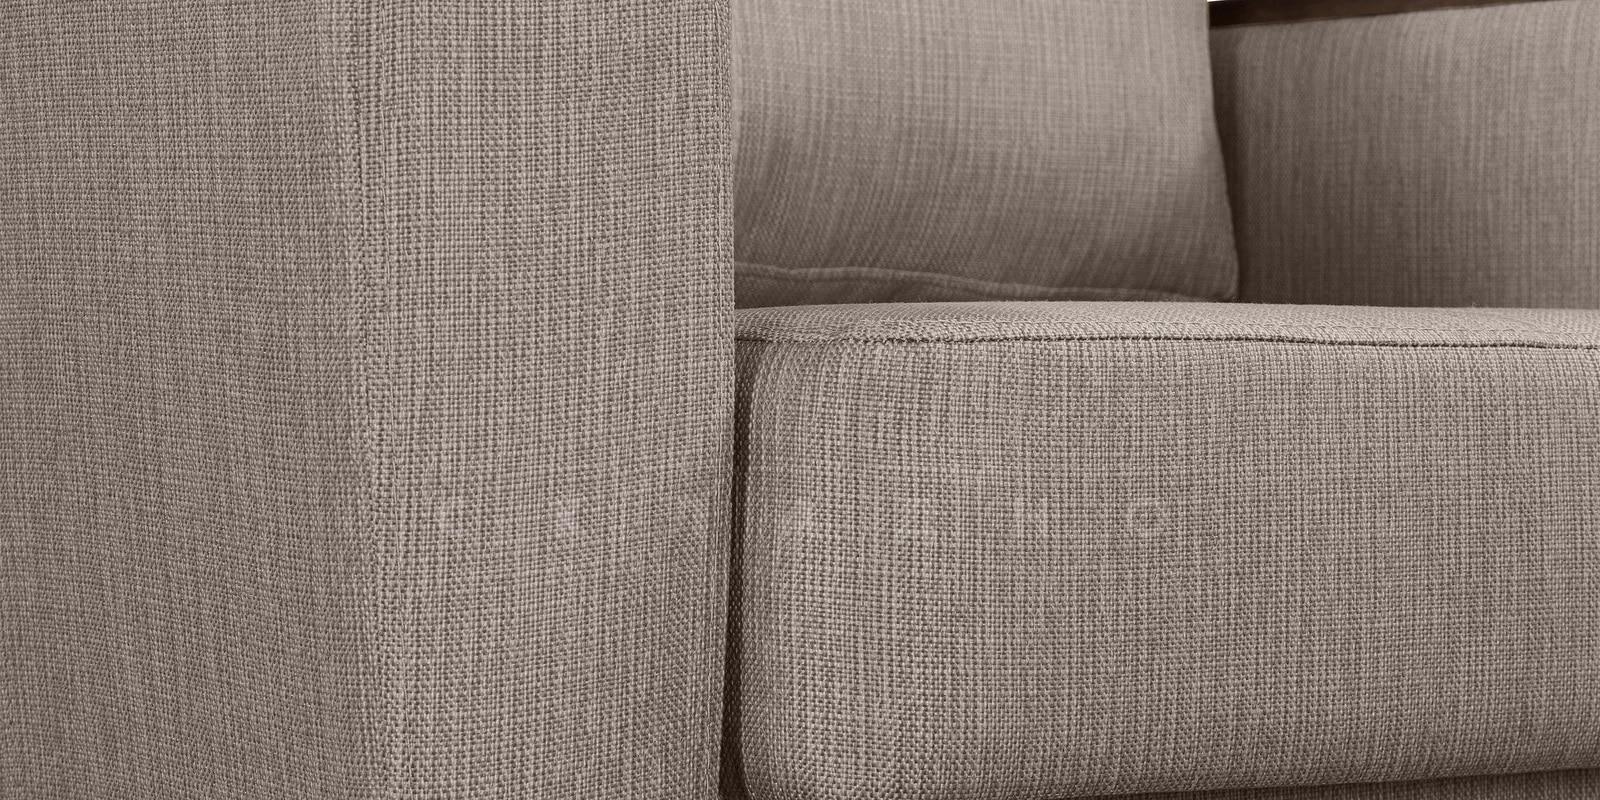 Кресло Майами темно-бежевое со спальным местом фото 8 | интернет-магазин Складно